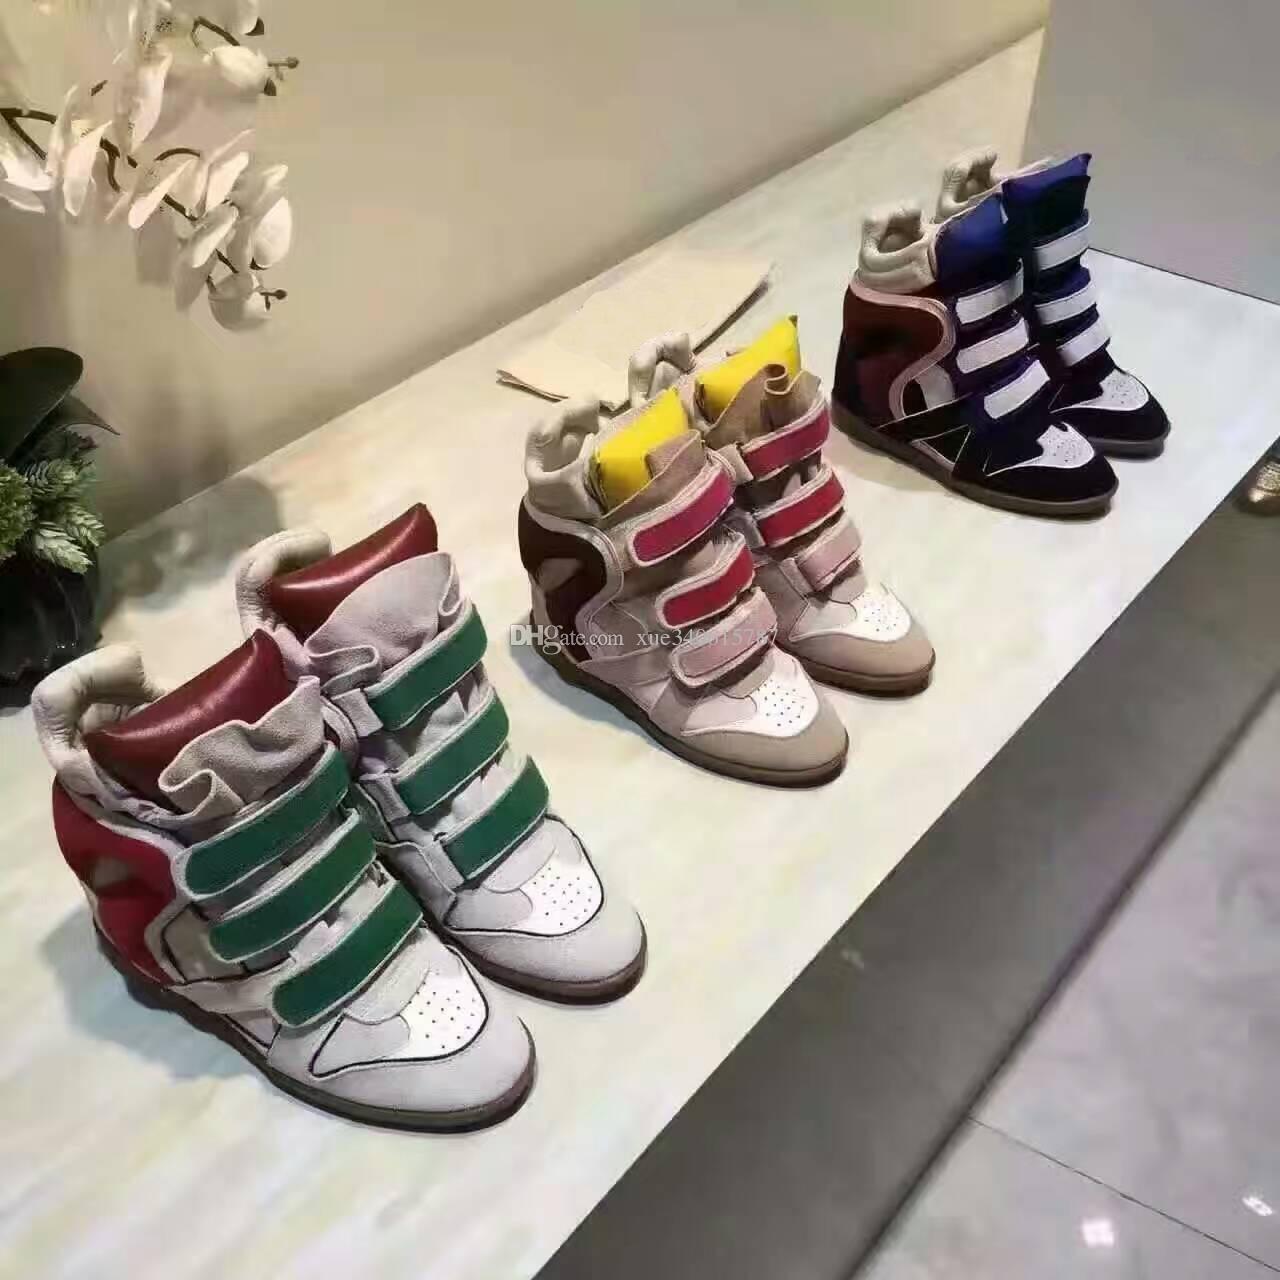 2016 neueste frauen Marke Design Bekett Schuhe Aus Echtem Leder Höhe Zunehmende High-top Wildleder Verdeckte Keil Stiefel Schuhe